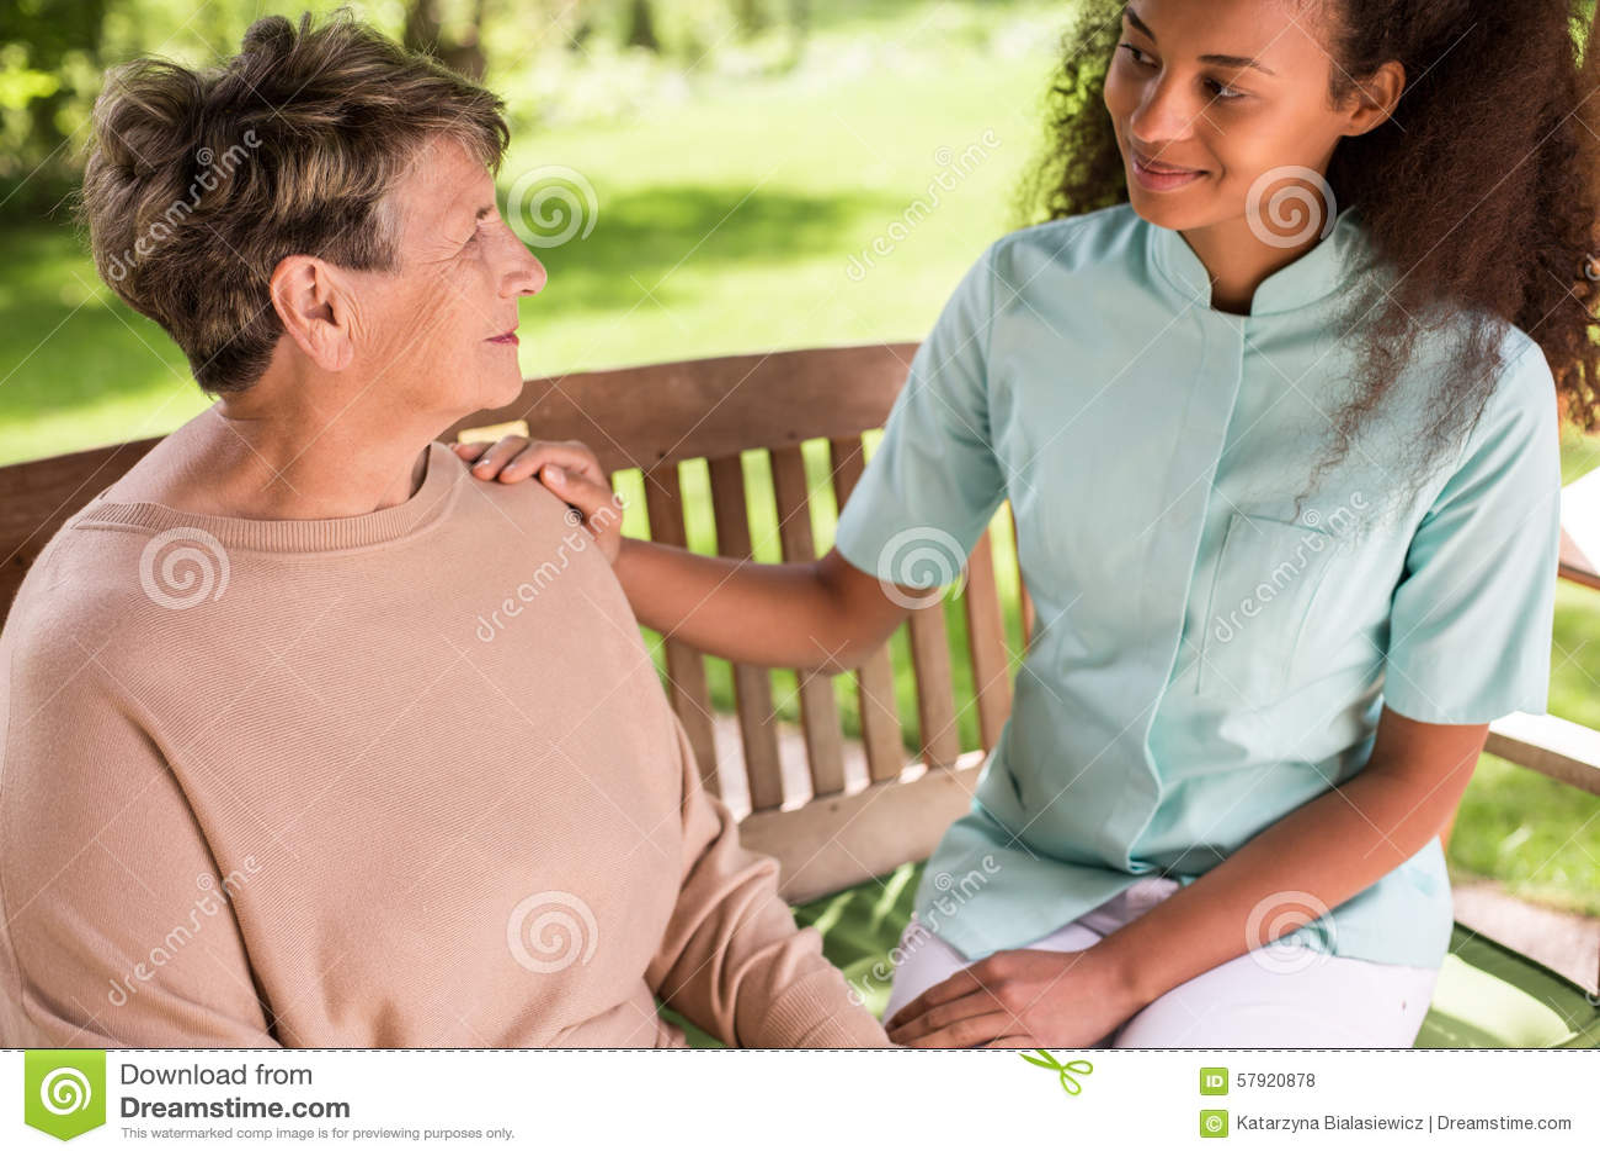 Senior woman spending time outside